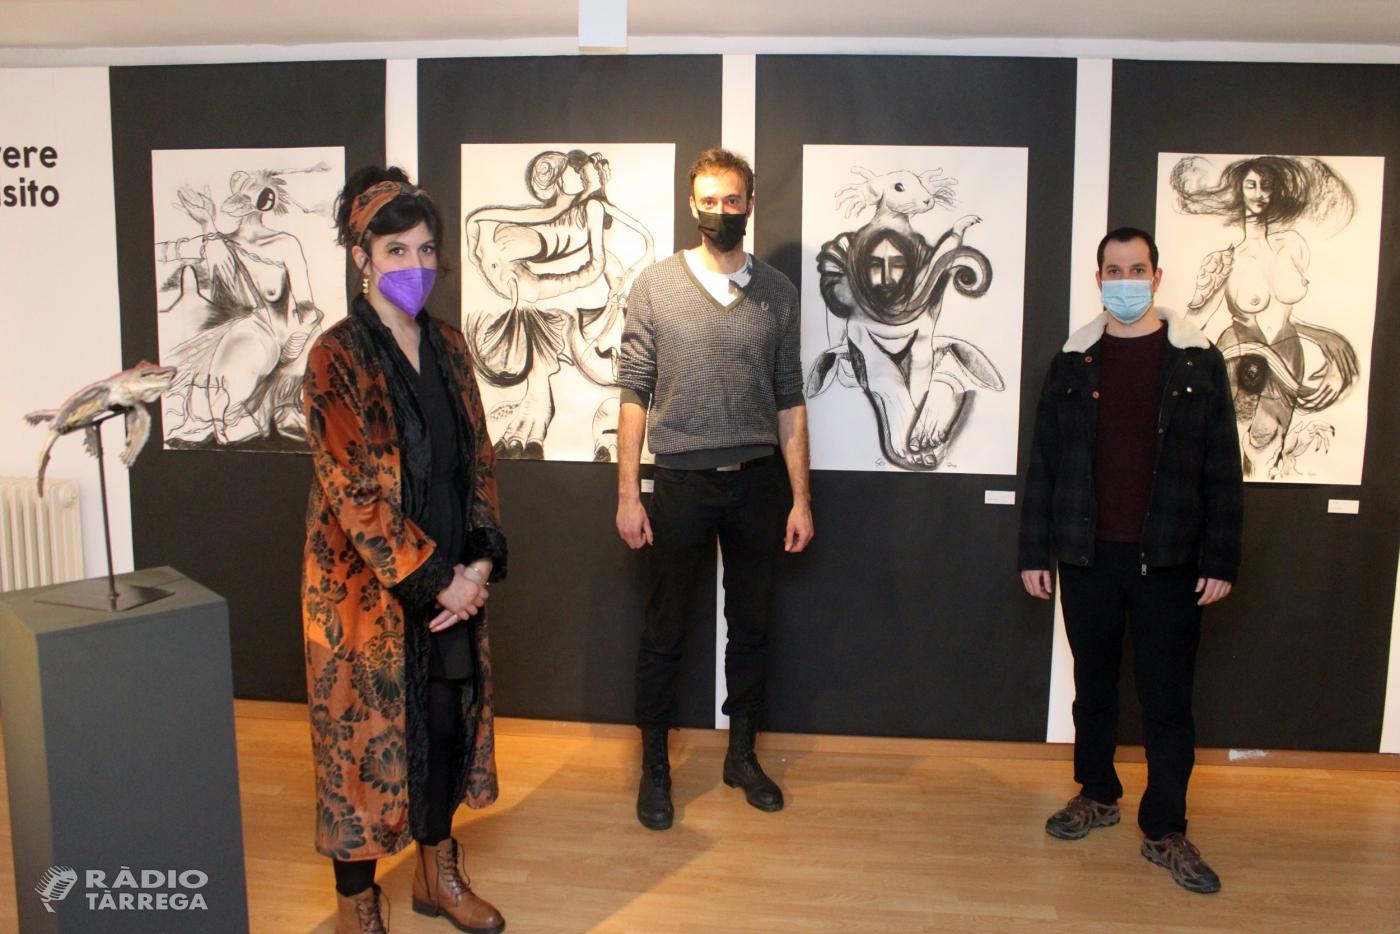 La Sala Marsà de Tàrrega estrena una exposició conjunta amb pintura i escultura de Jordi Claramunt i Cristina Persiani